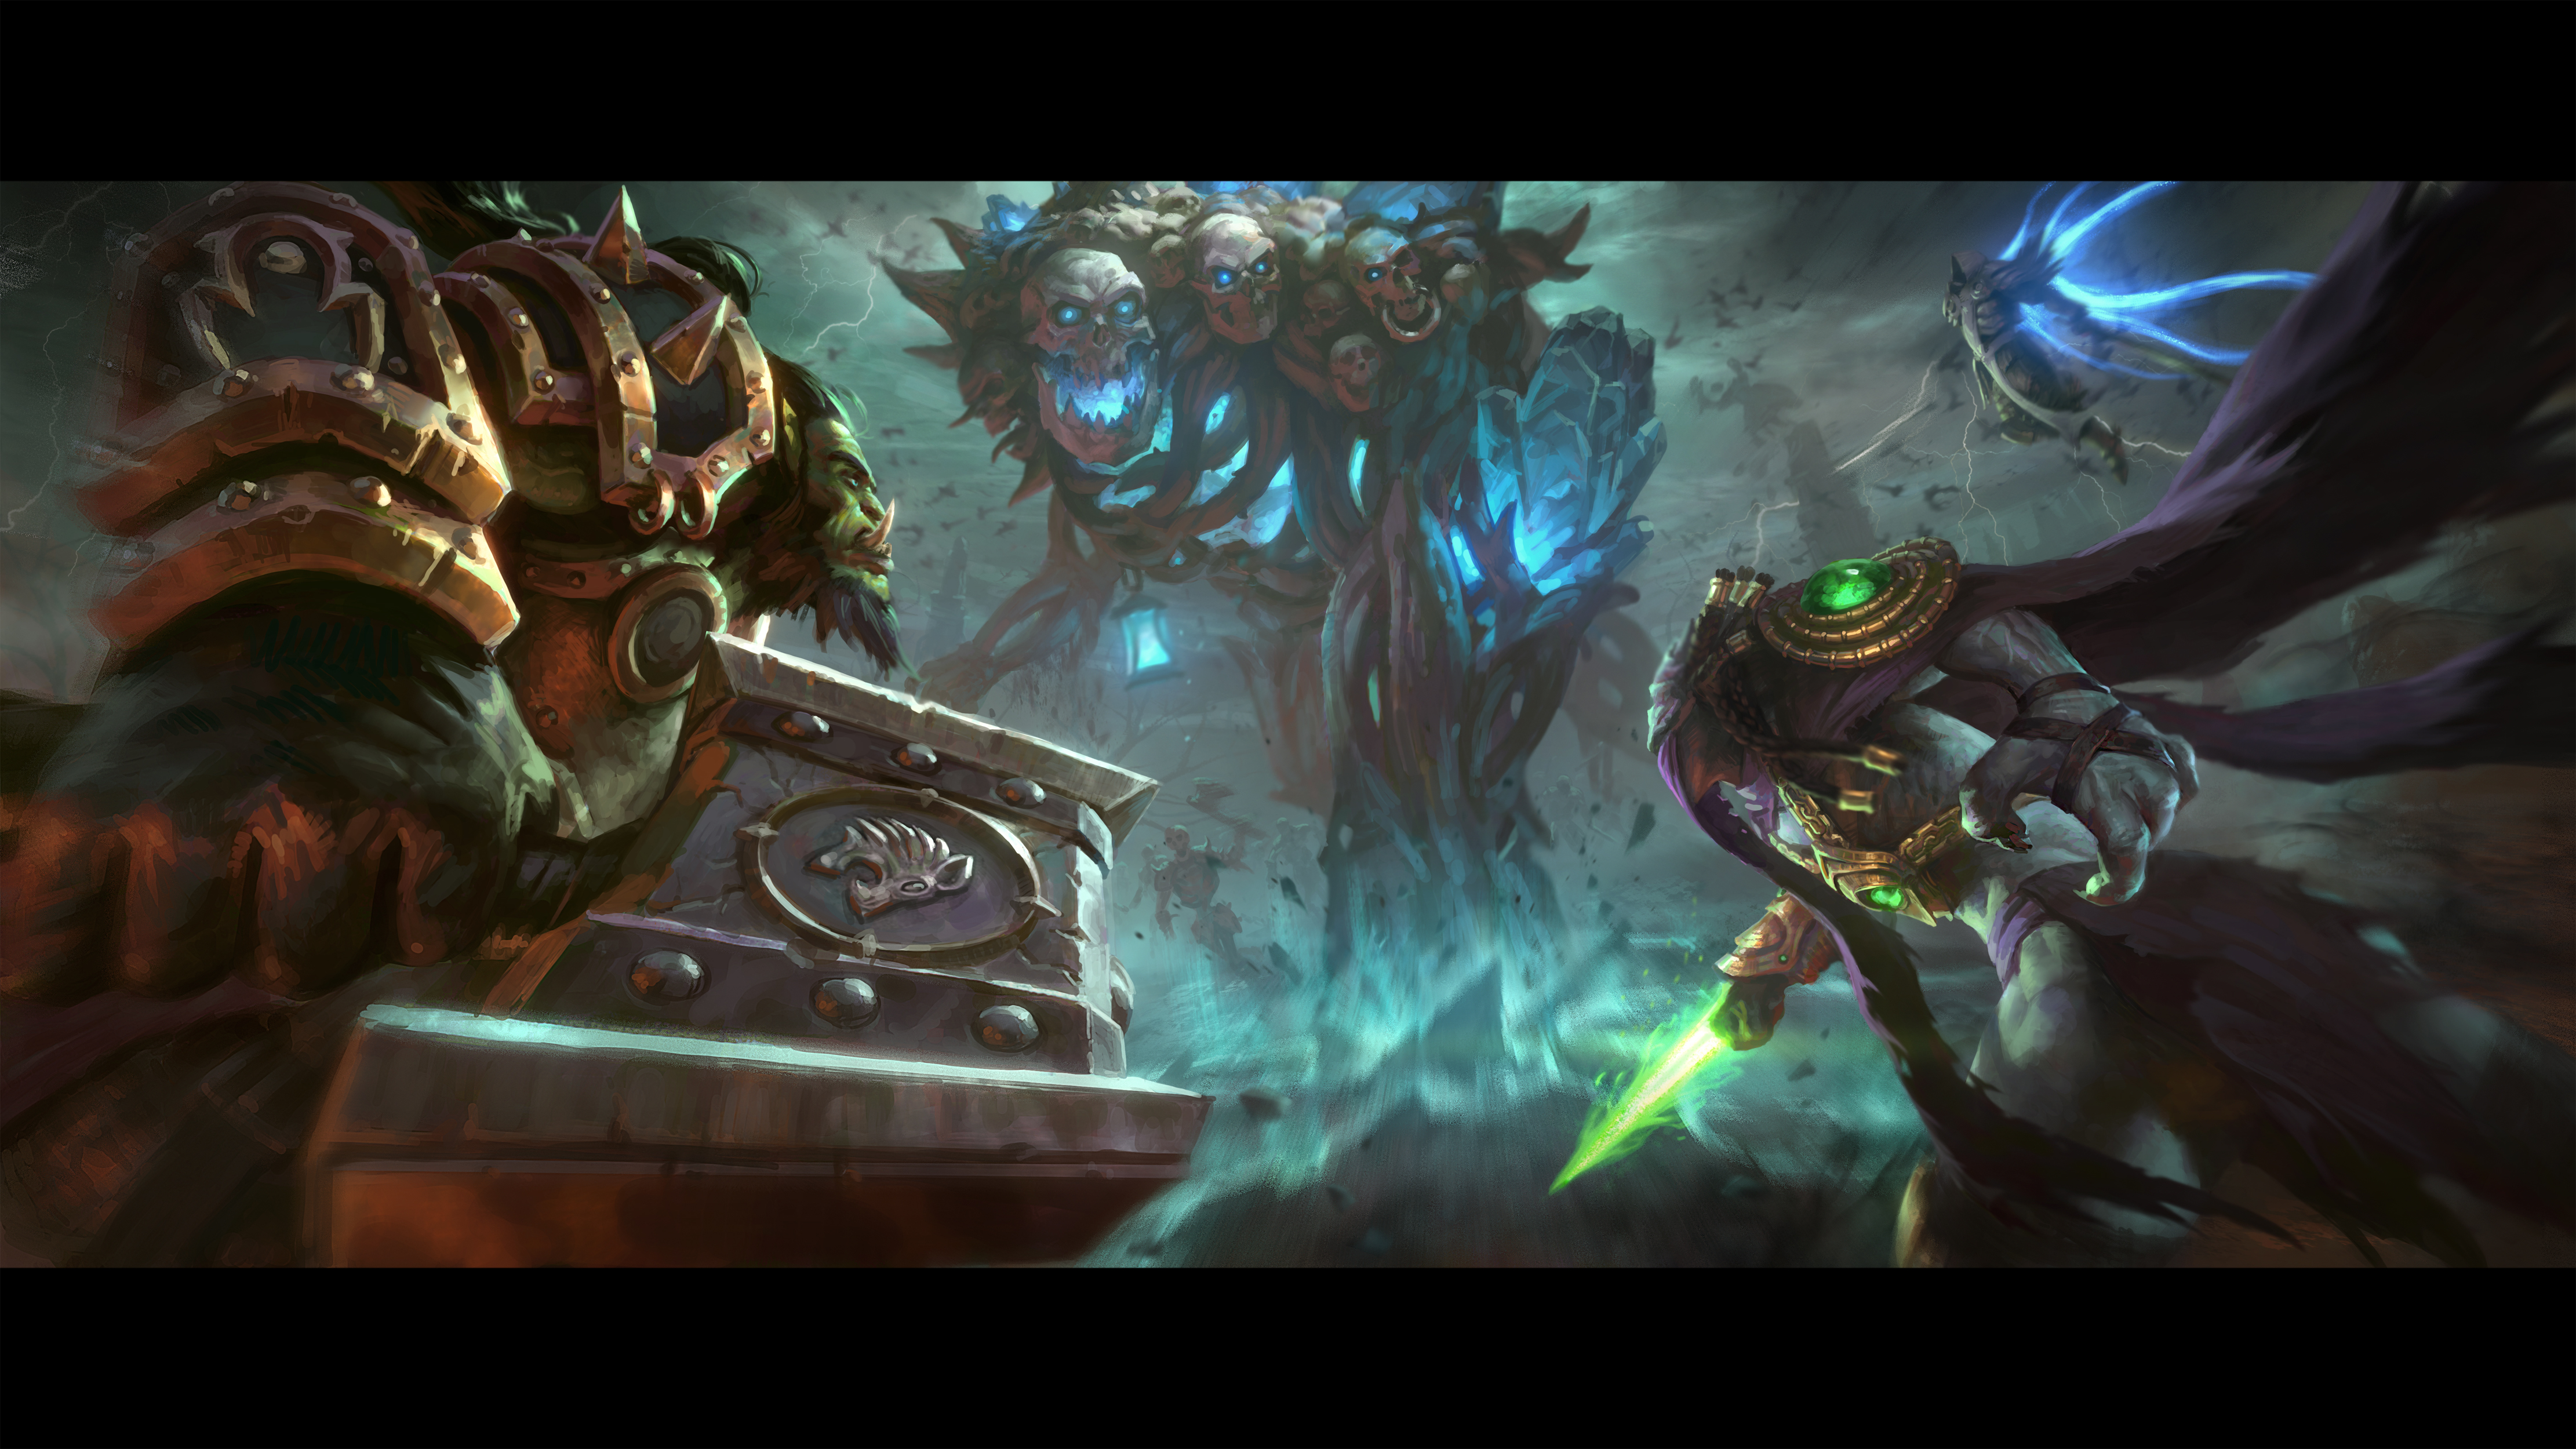 Battle against Grave Golem